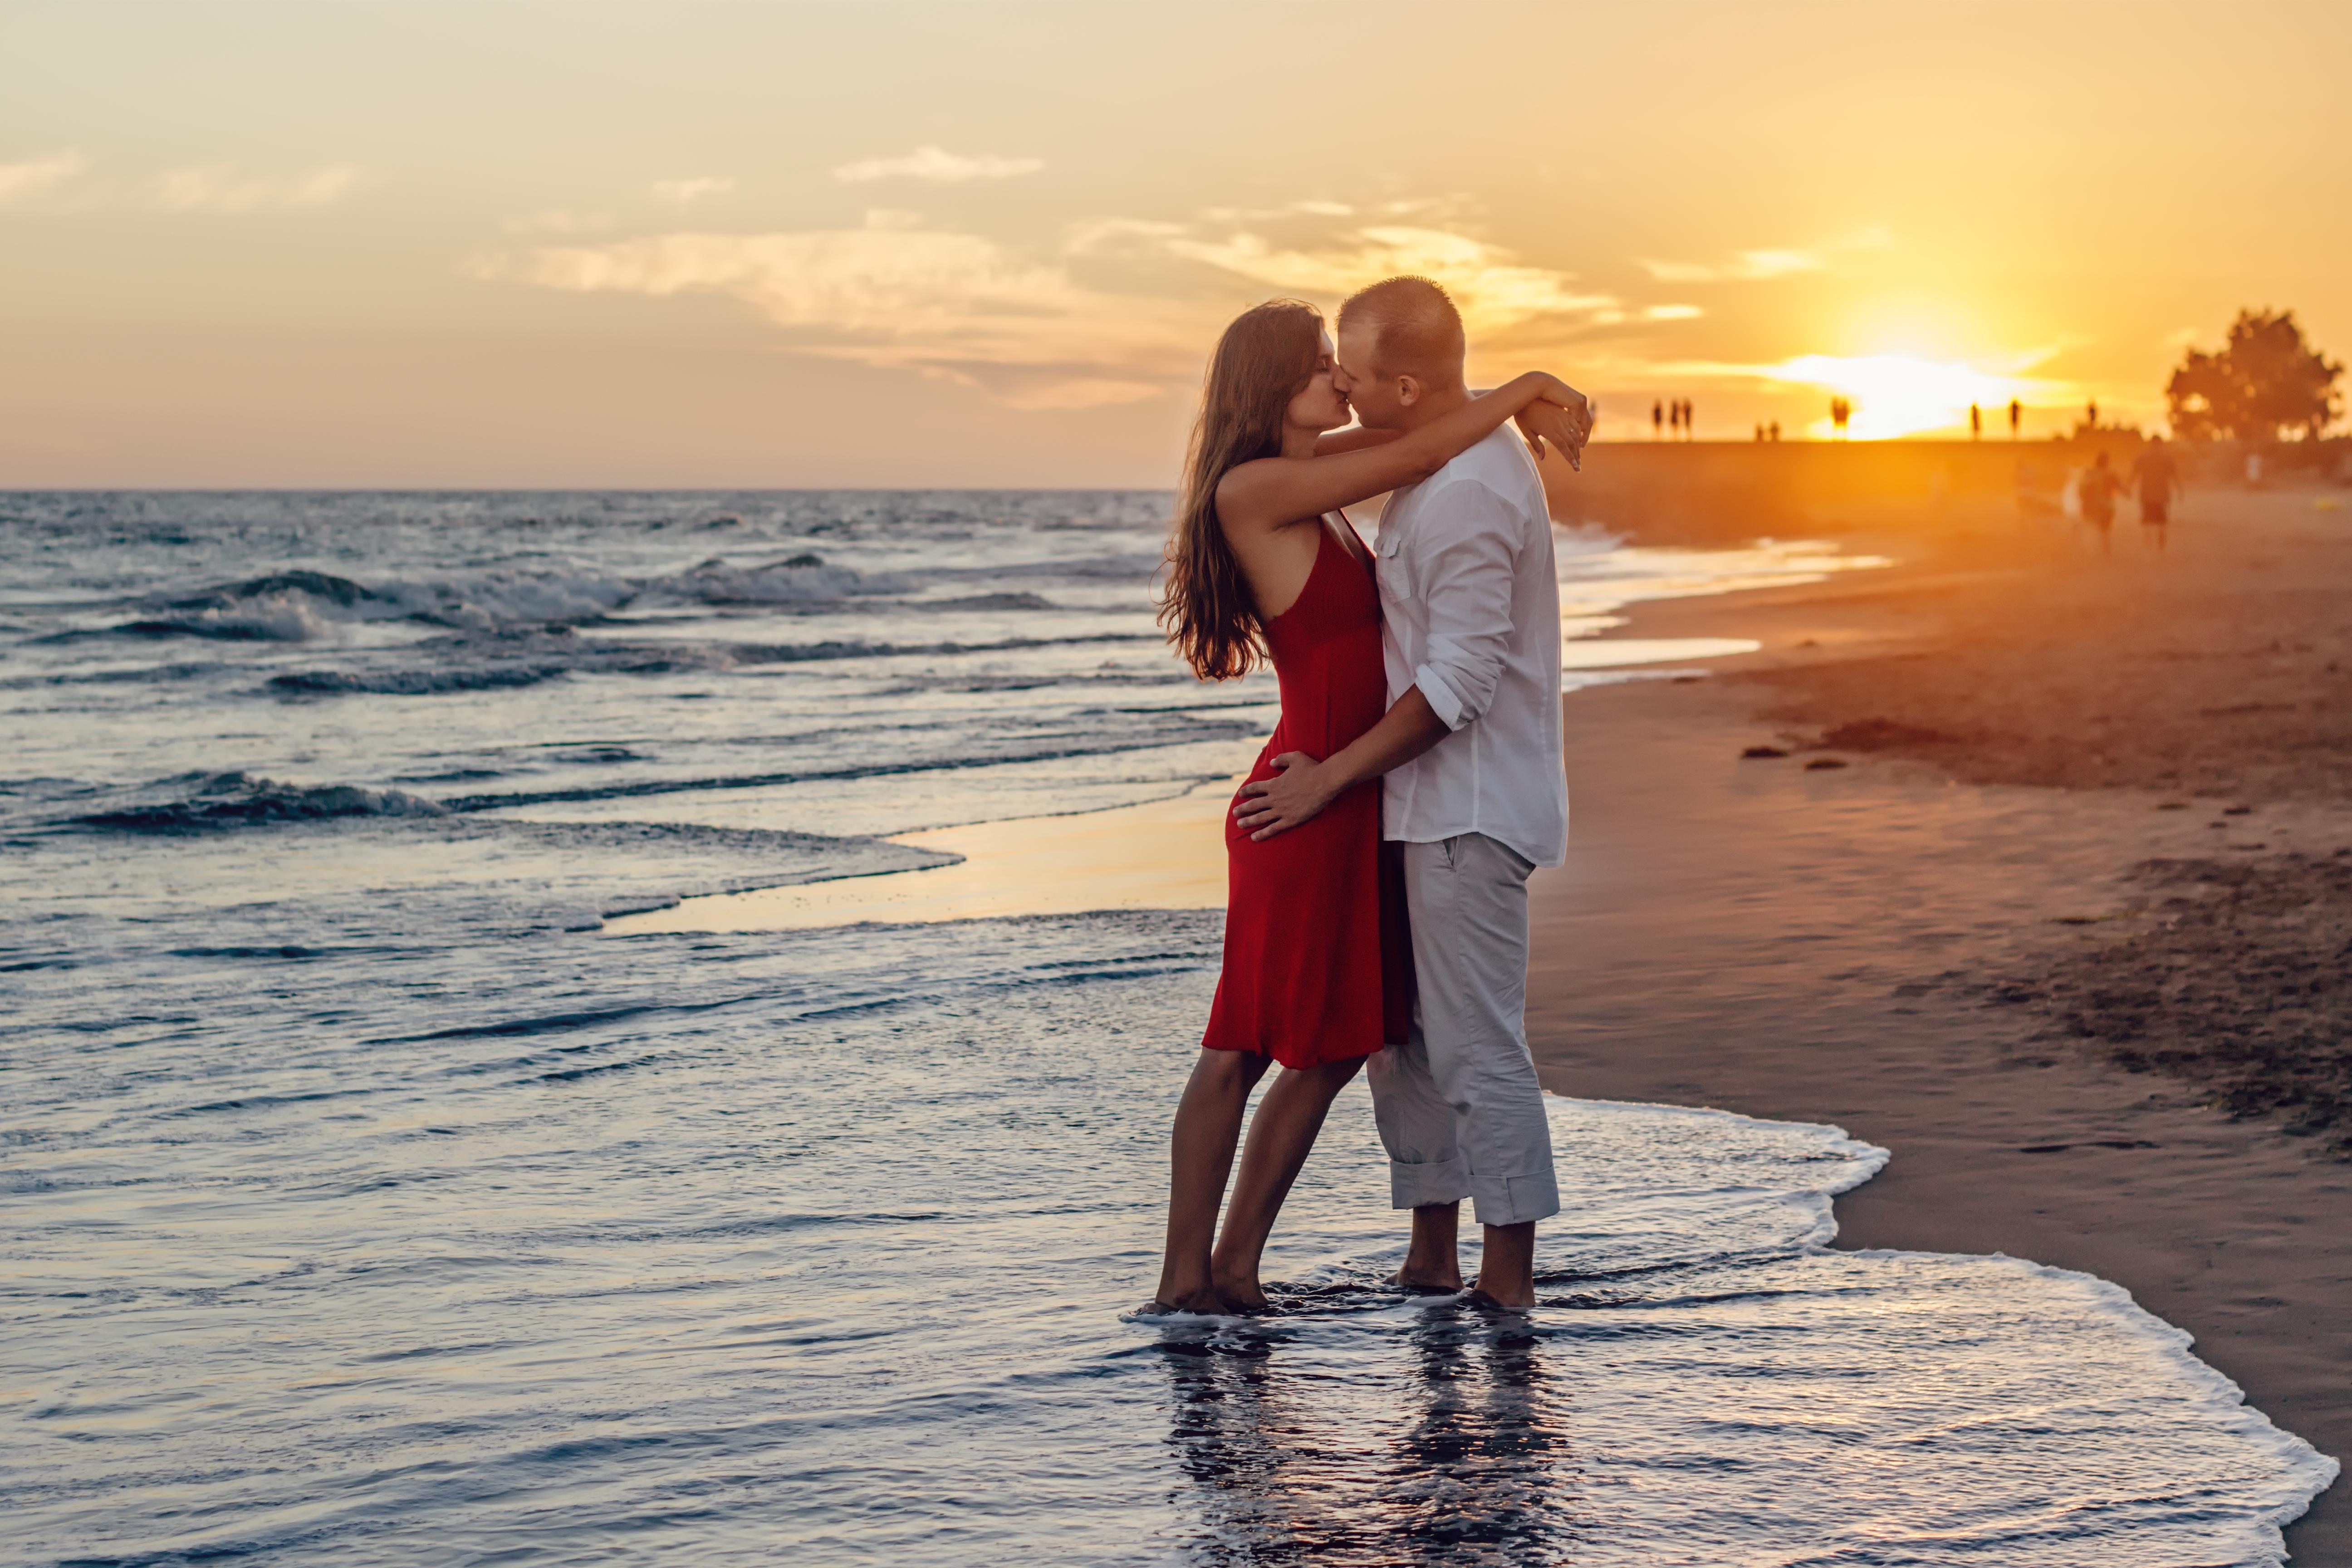 Обои море, закат, мужчина и девушка целуются, настроение